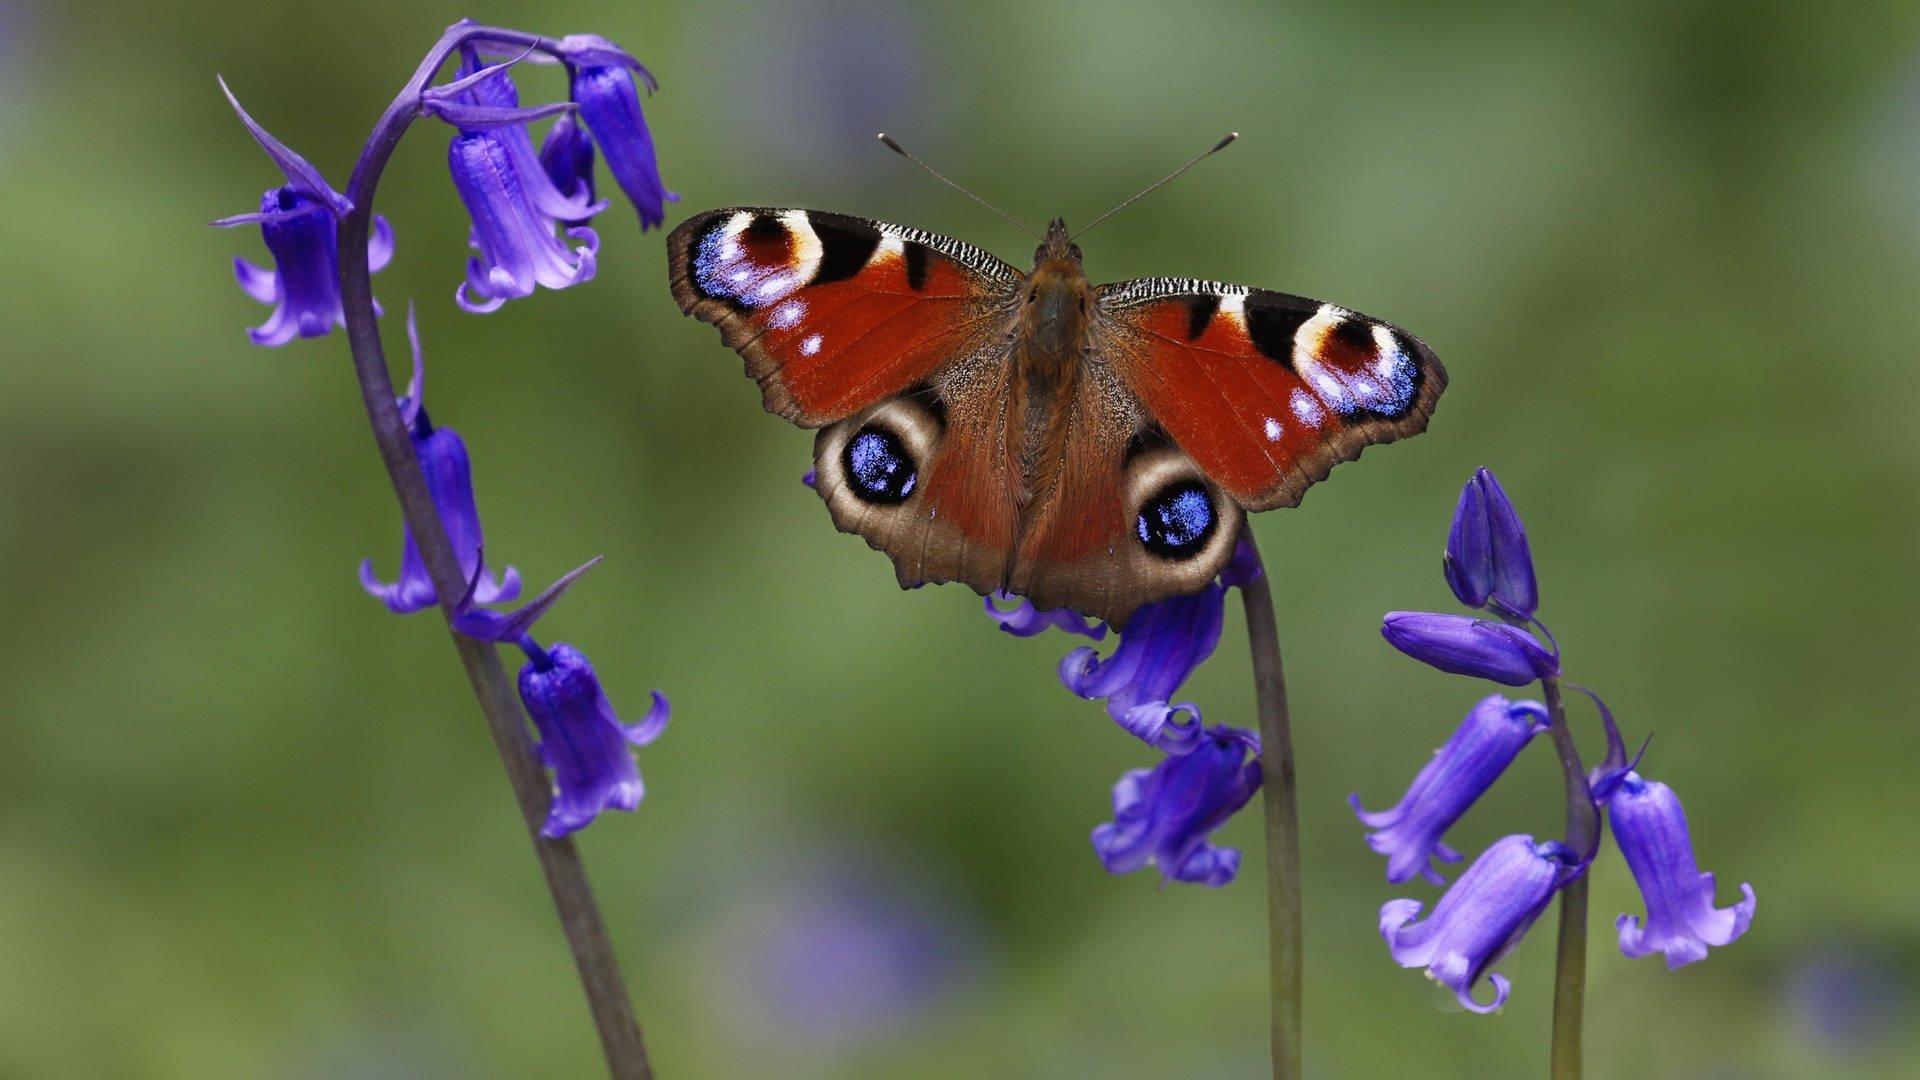 Insektensterben Zu Viel Dünger Schadet Schmetterlingen verwandt mit Schmetterlinge Insekten